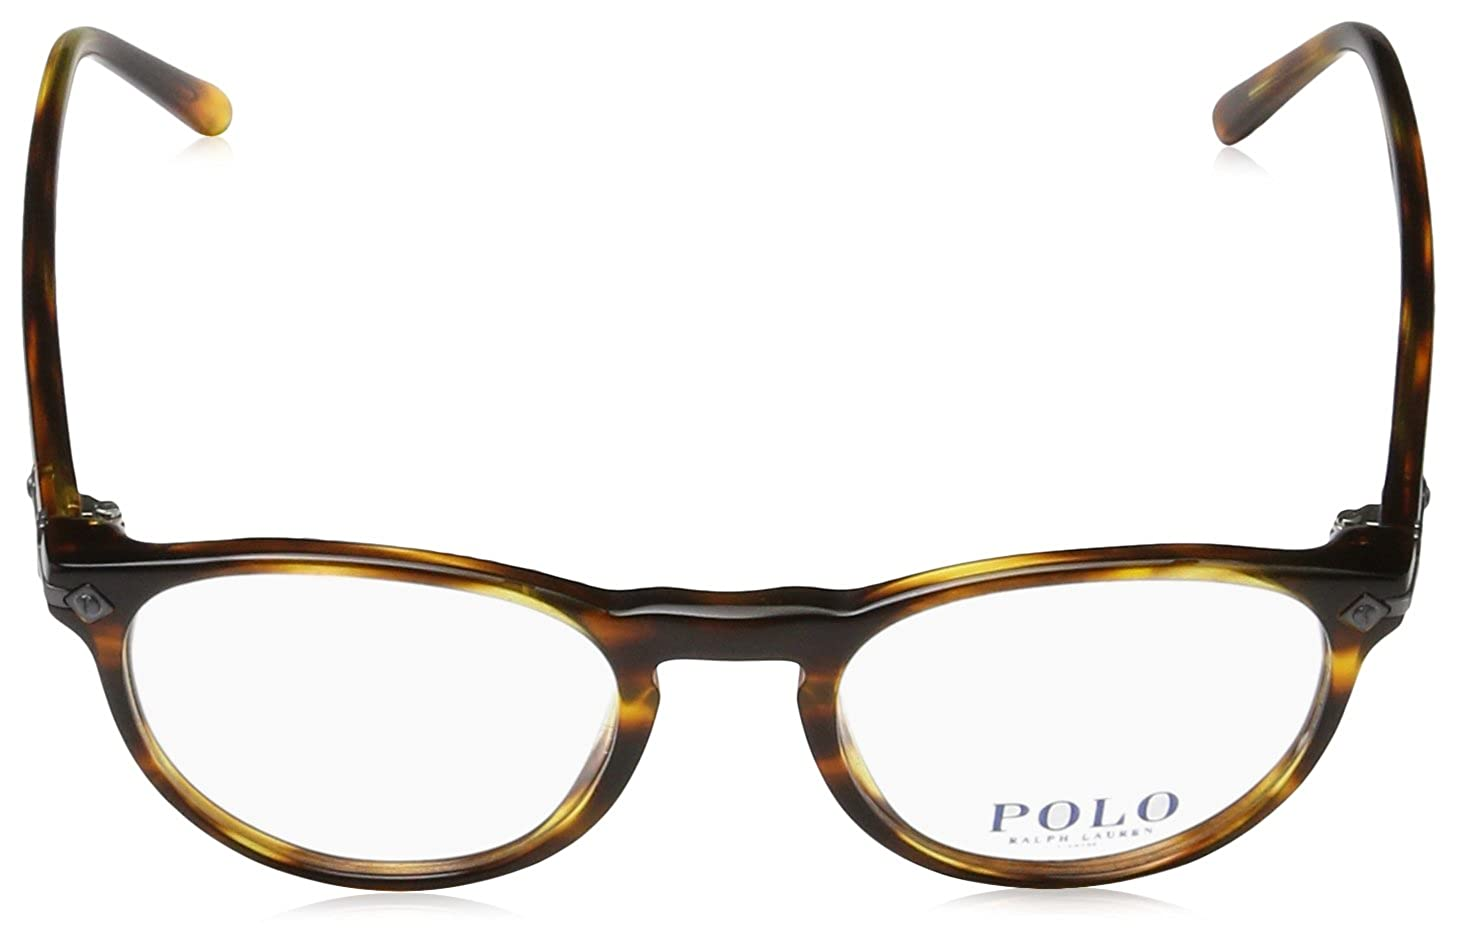 Polo Ralph Lauren - PH 2150, Rund, Acetat, Herrenbrillen, STRIPED ...